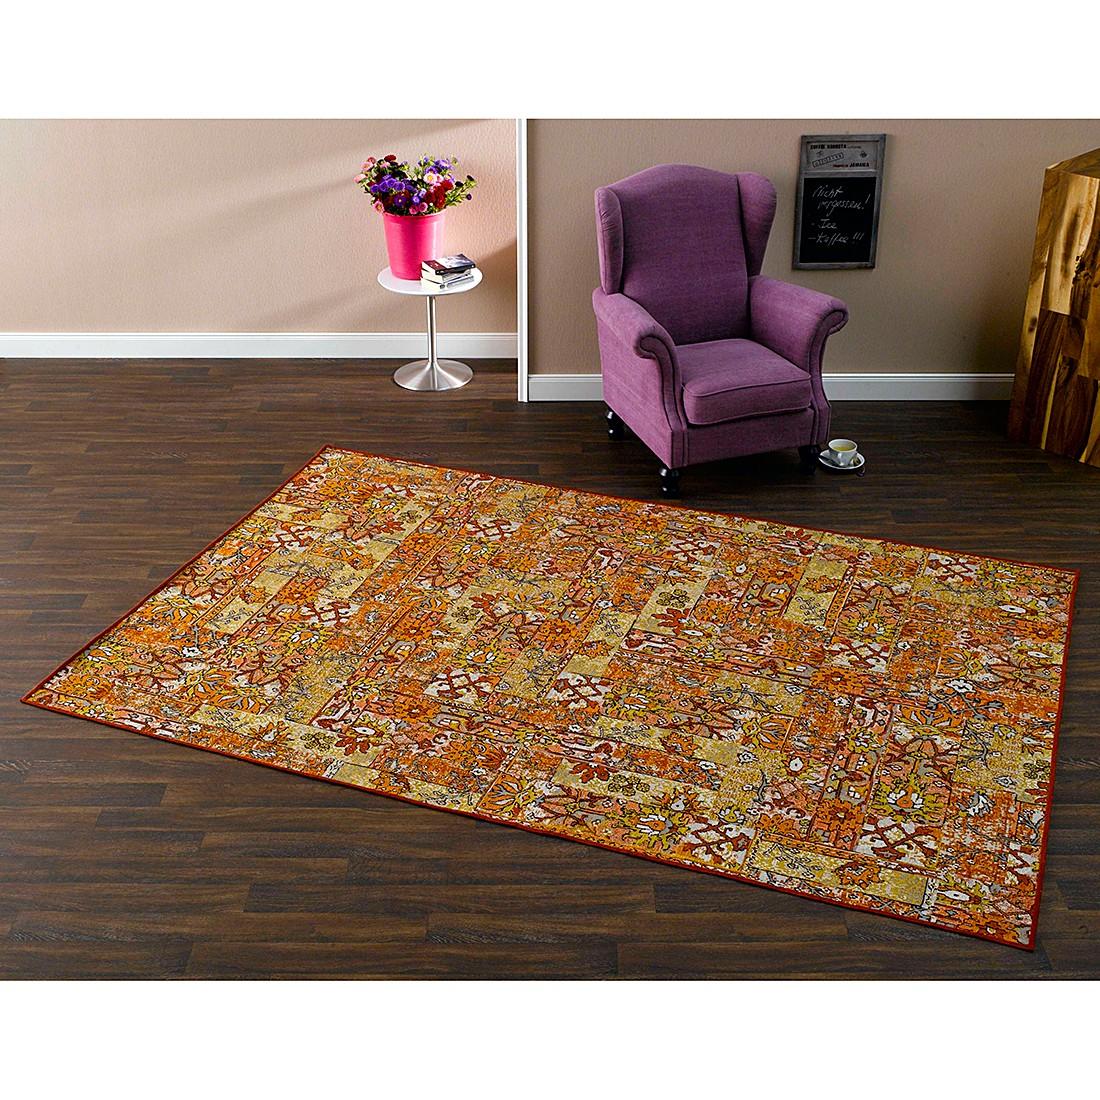 Teppich Floral – Rot / Orange – 140 x 200 cm, Schöngeist & Petersen bestellen